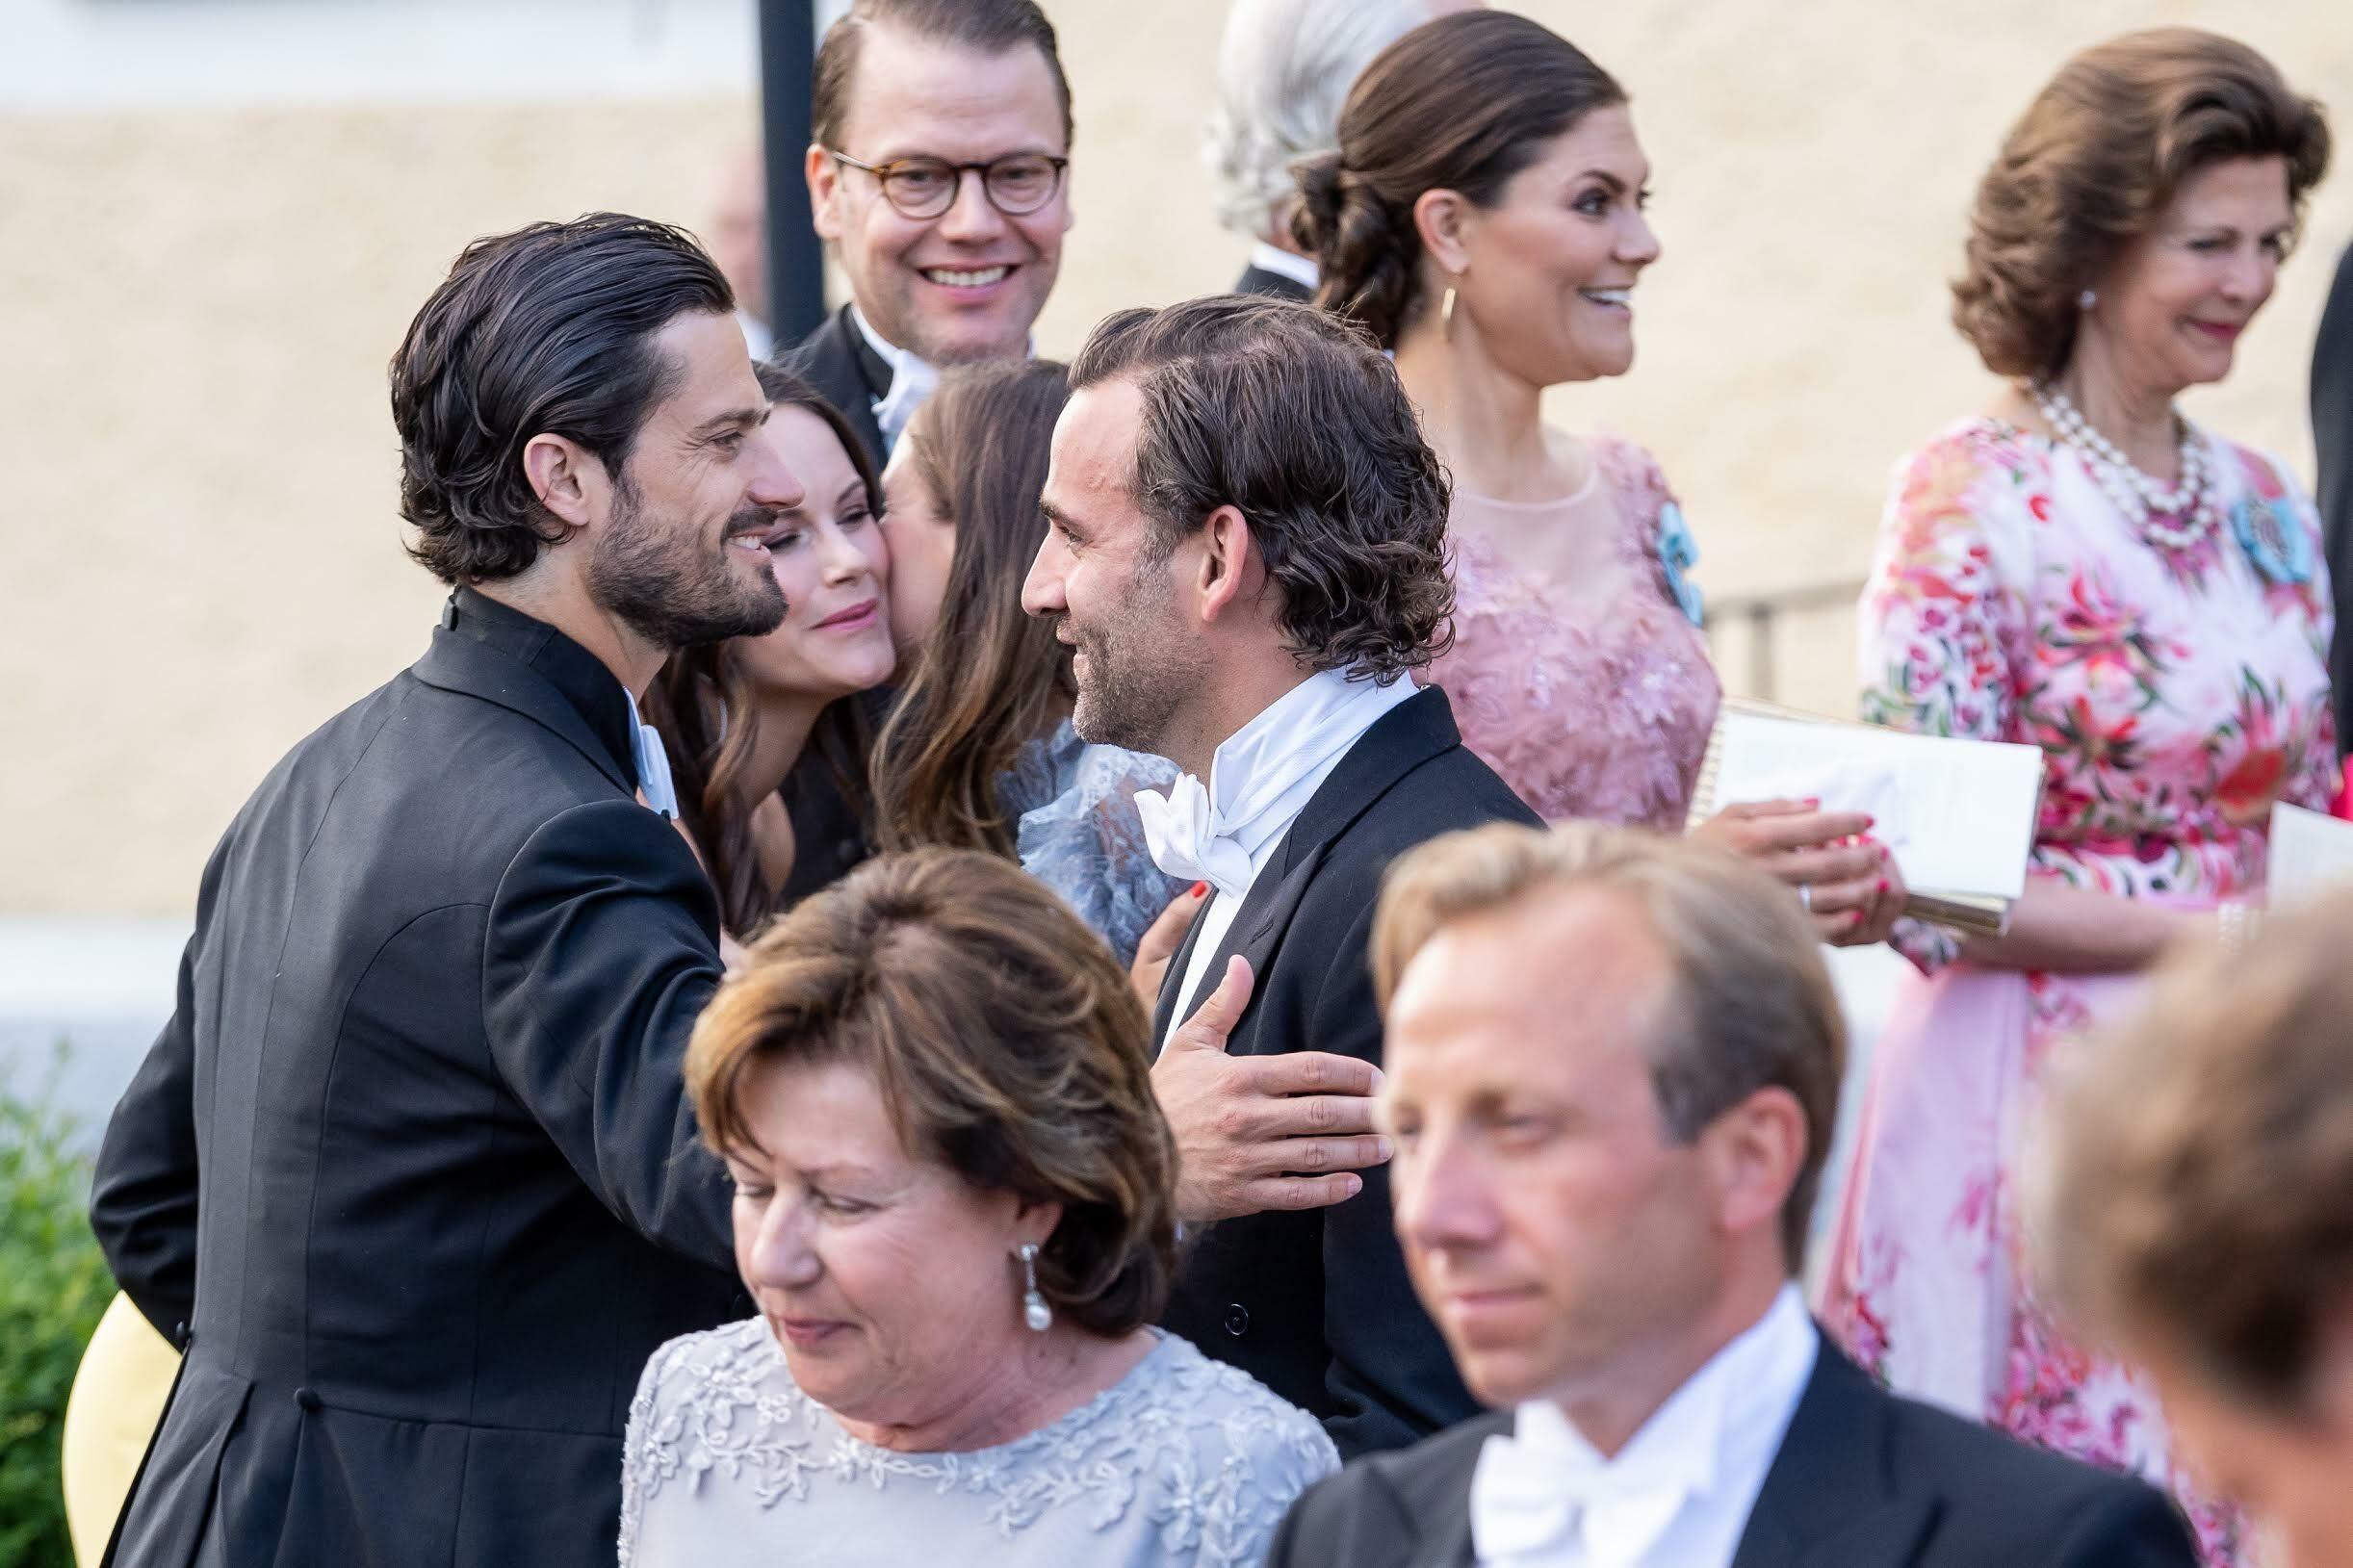 Carlos Felipe y Sofía saludando a Jonas y su mujer. (Dana Press)